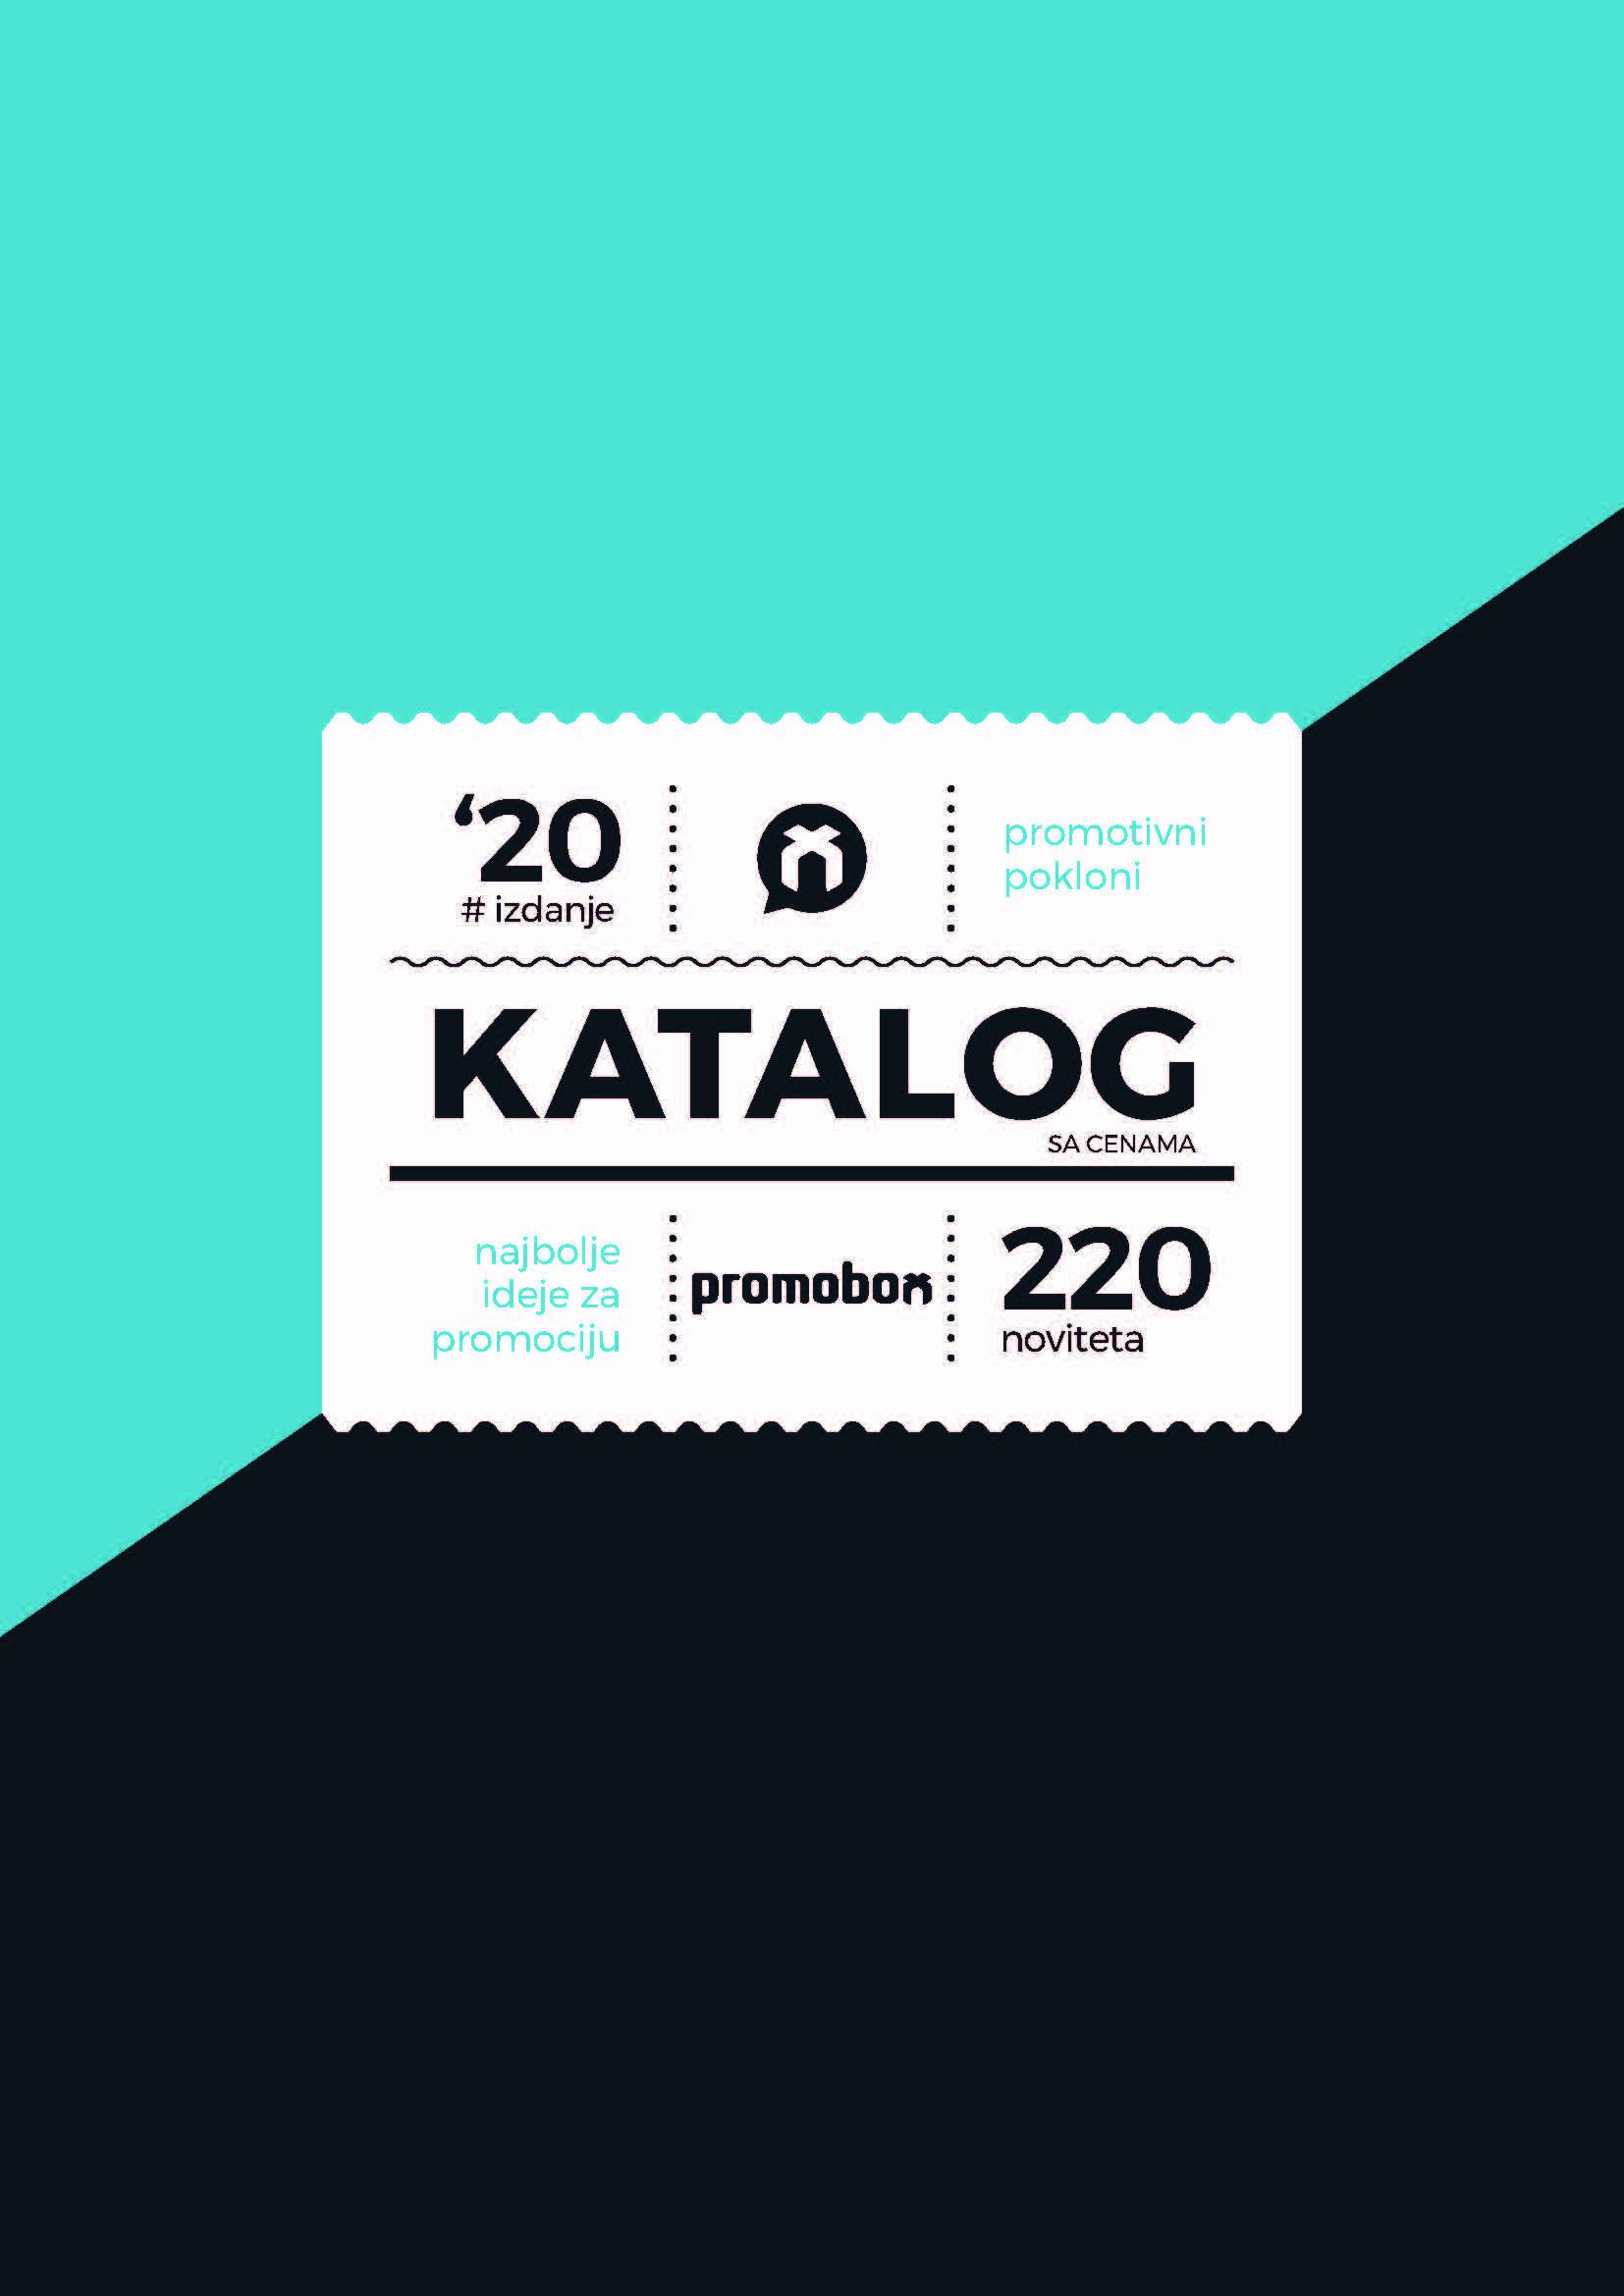 katalog promobox sa cenama_Page_001